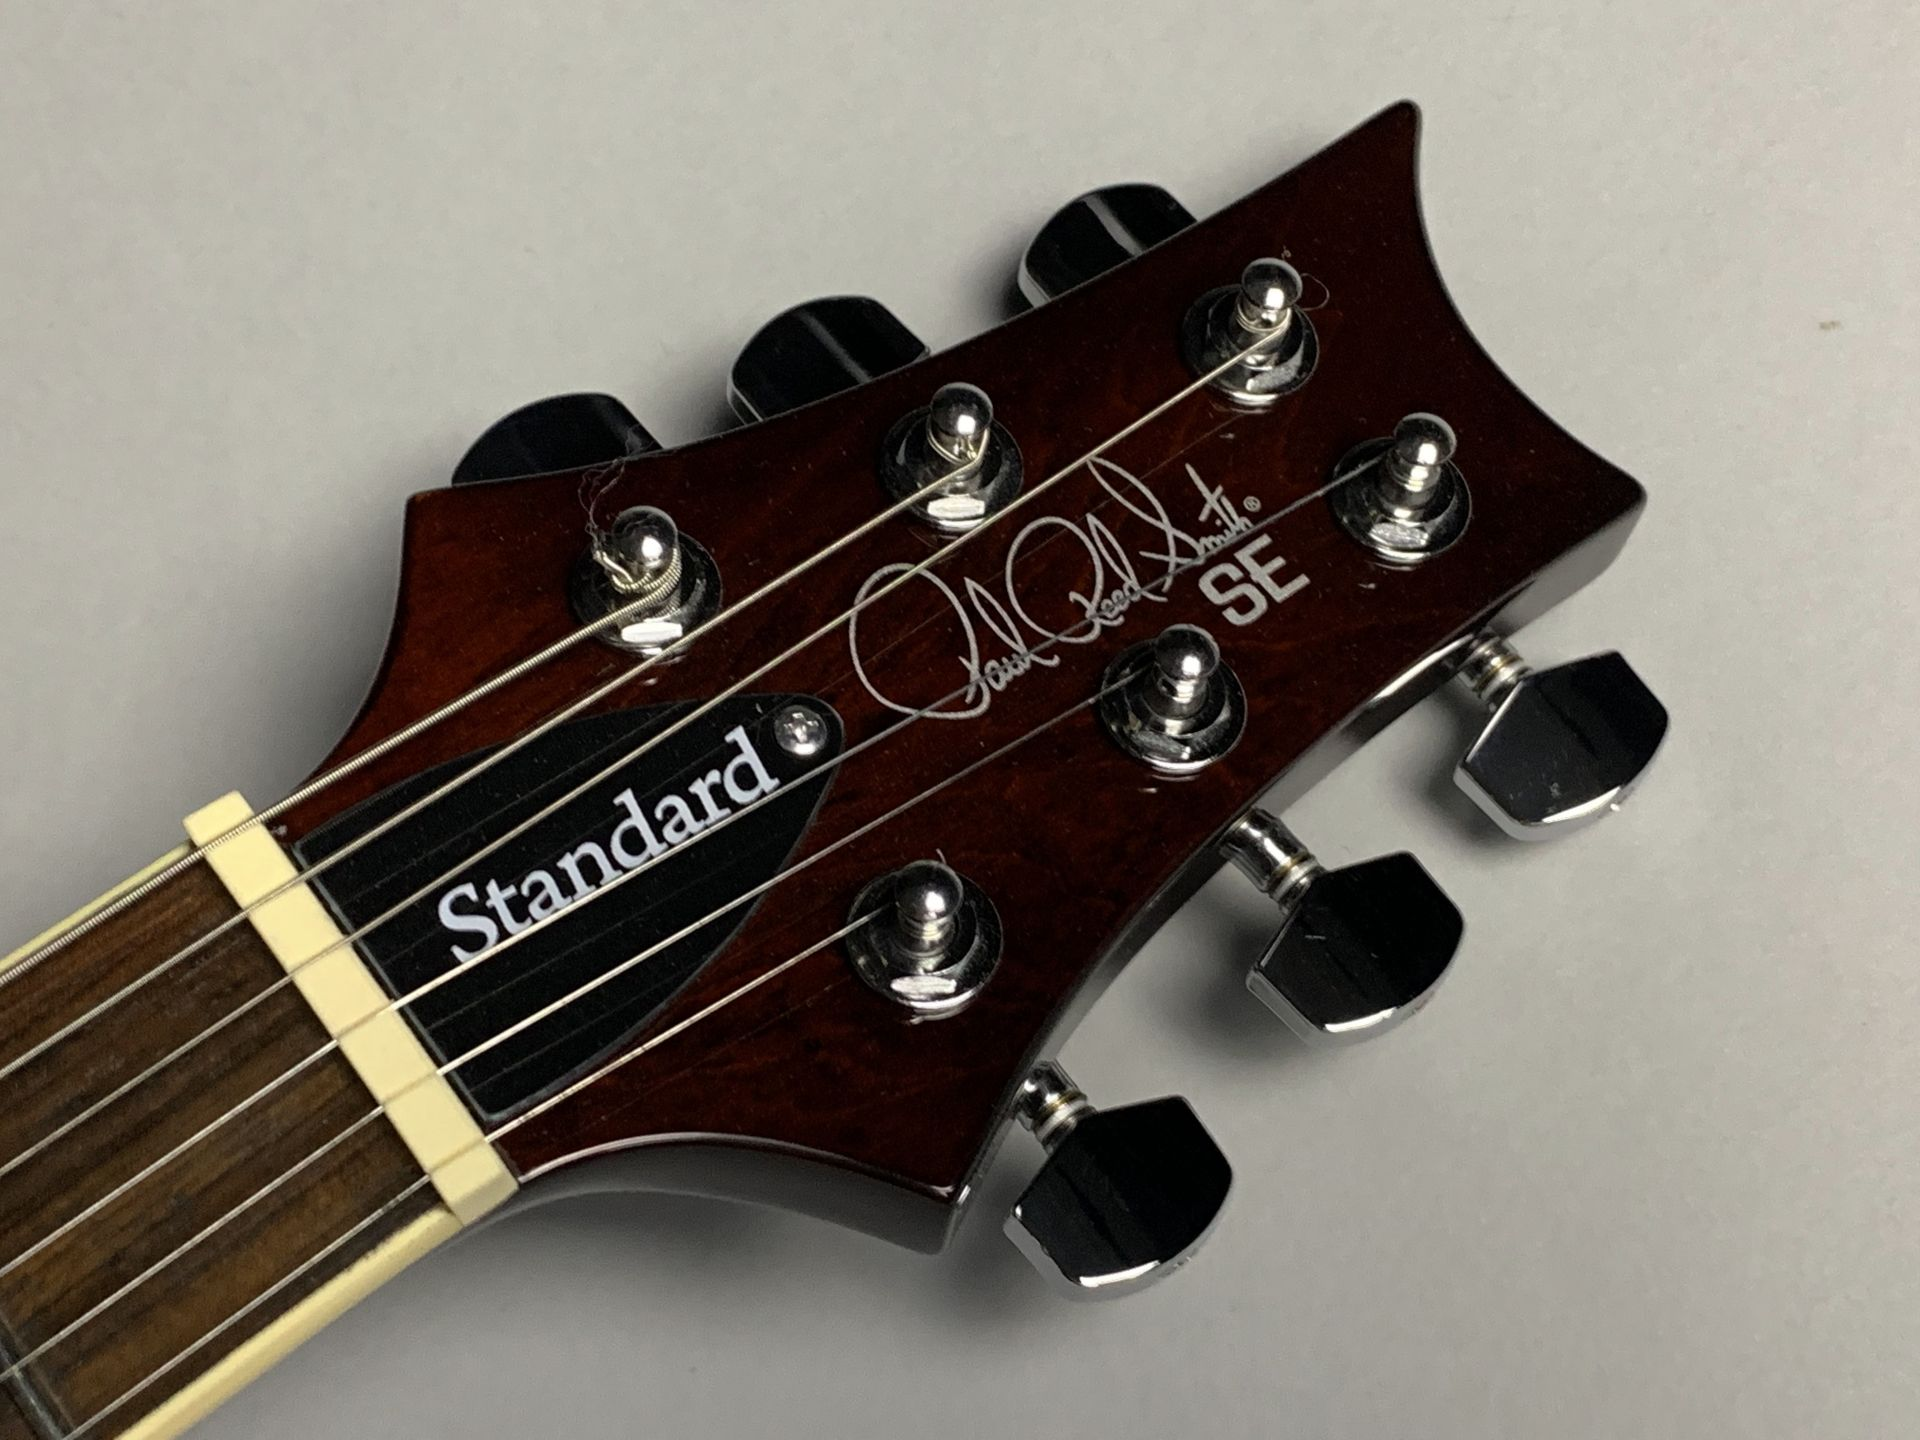 SE STANDARD 24 N (TS)のヘッド画像